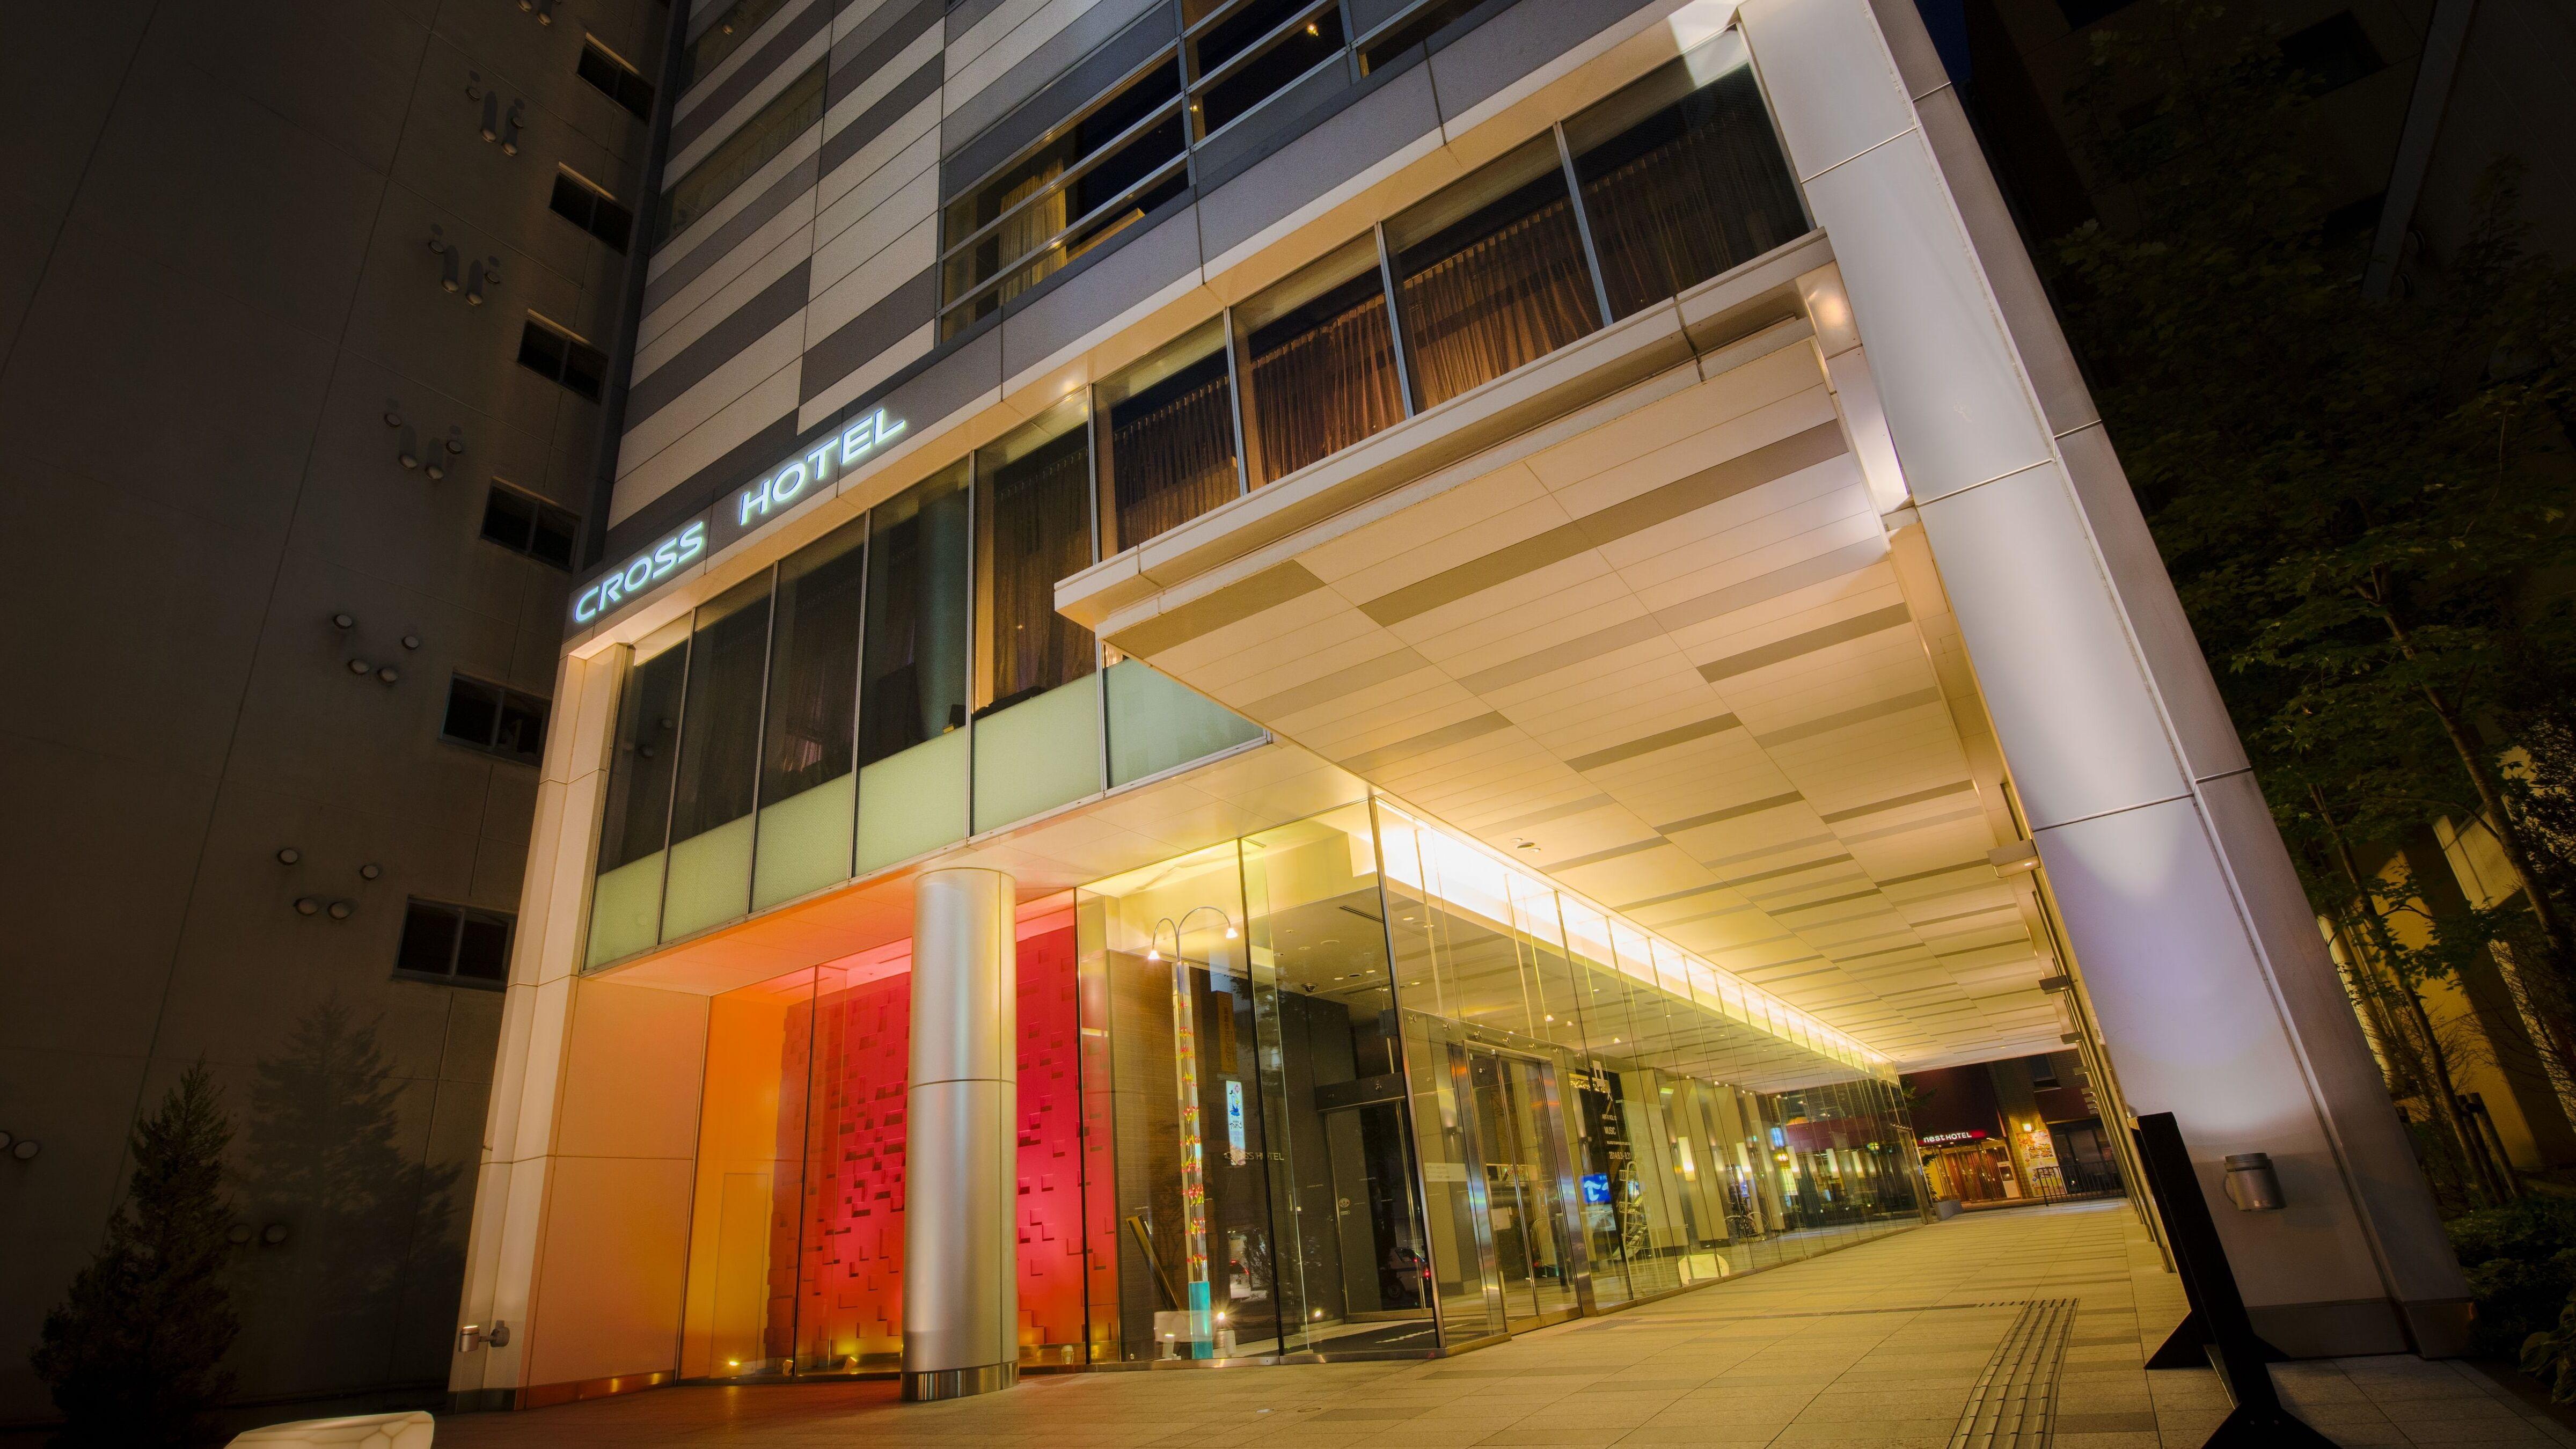 クロス ホテル 札幌◆楽天トラベル